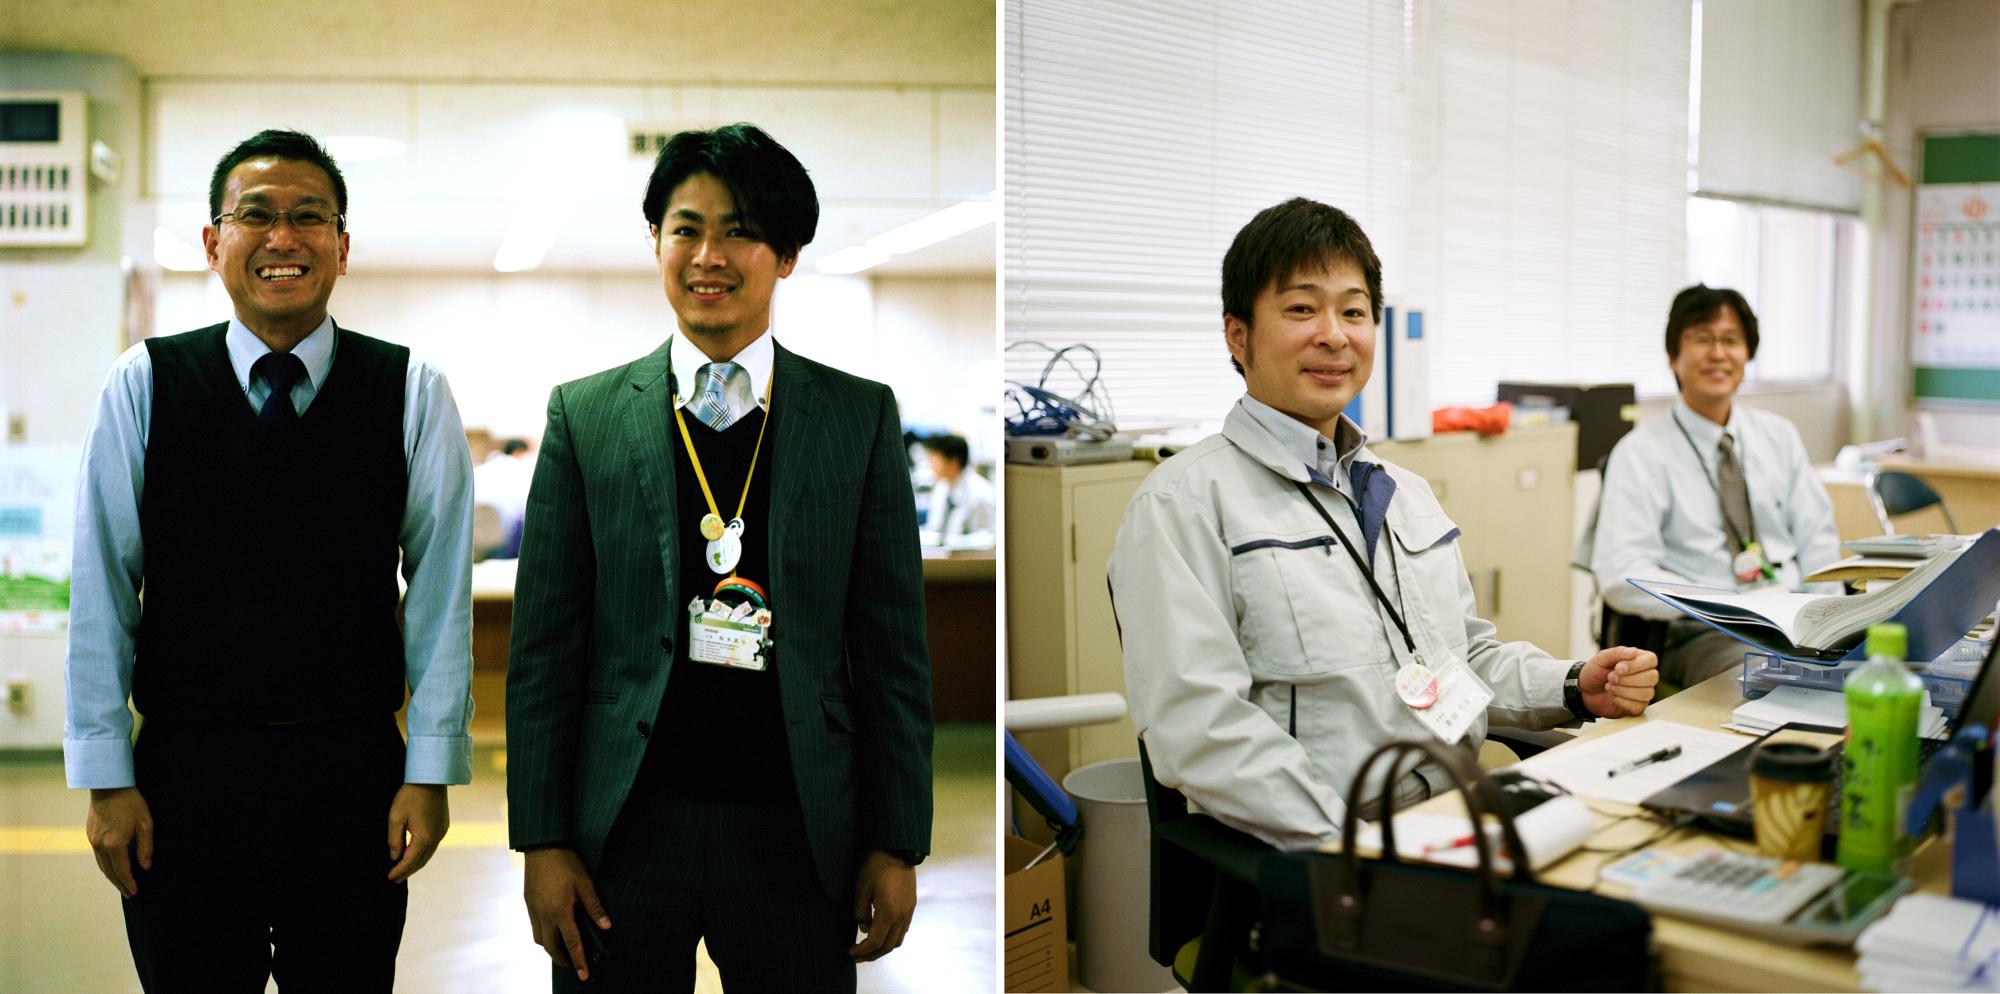 ︵左の写真︶の2人は楢葉町役場で働いており。右に写っているのは楢葉町出身のマツモトマサヒロさんです。自宅が津波で流されてしまいましたが、家を建て直すお金がありません。いずれにしても、家族は楢葉町へ戻ることを望んでいないのです。 ︵右の写真︶この2人の男性はコミュニティーセンター「ならはみらい」で働いています。同センターは楢葉町の委託を受けて、町に戻った住人たちが社会的なつながりを再び持てるように取り組んでいます。彼らは地域広報の発行や、社会活動として町の美化活動(花の栽培など)の企画を行っています。左のニッタさんは、楢葉町の北西100㎞に位置する都市、郡山に住んでいます。震災前は楢葉町に住んでいましたが、幼い子どもが2人いるので自宅に戻ることは考えていません。